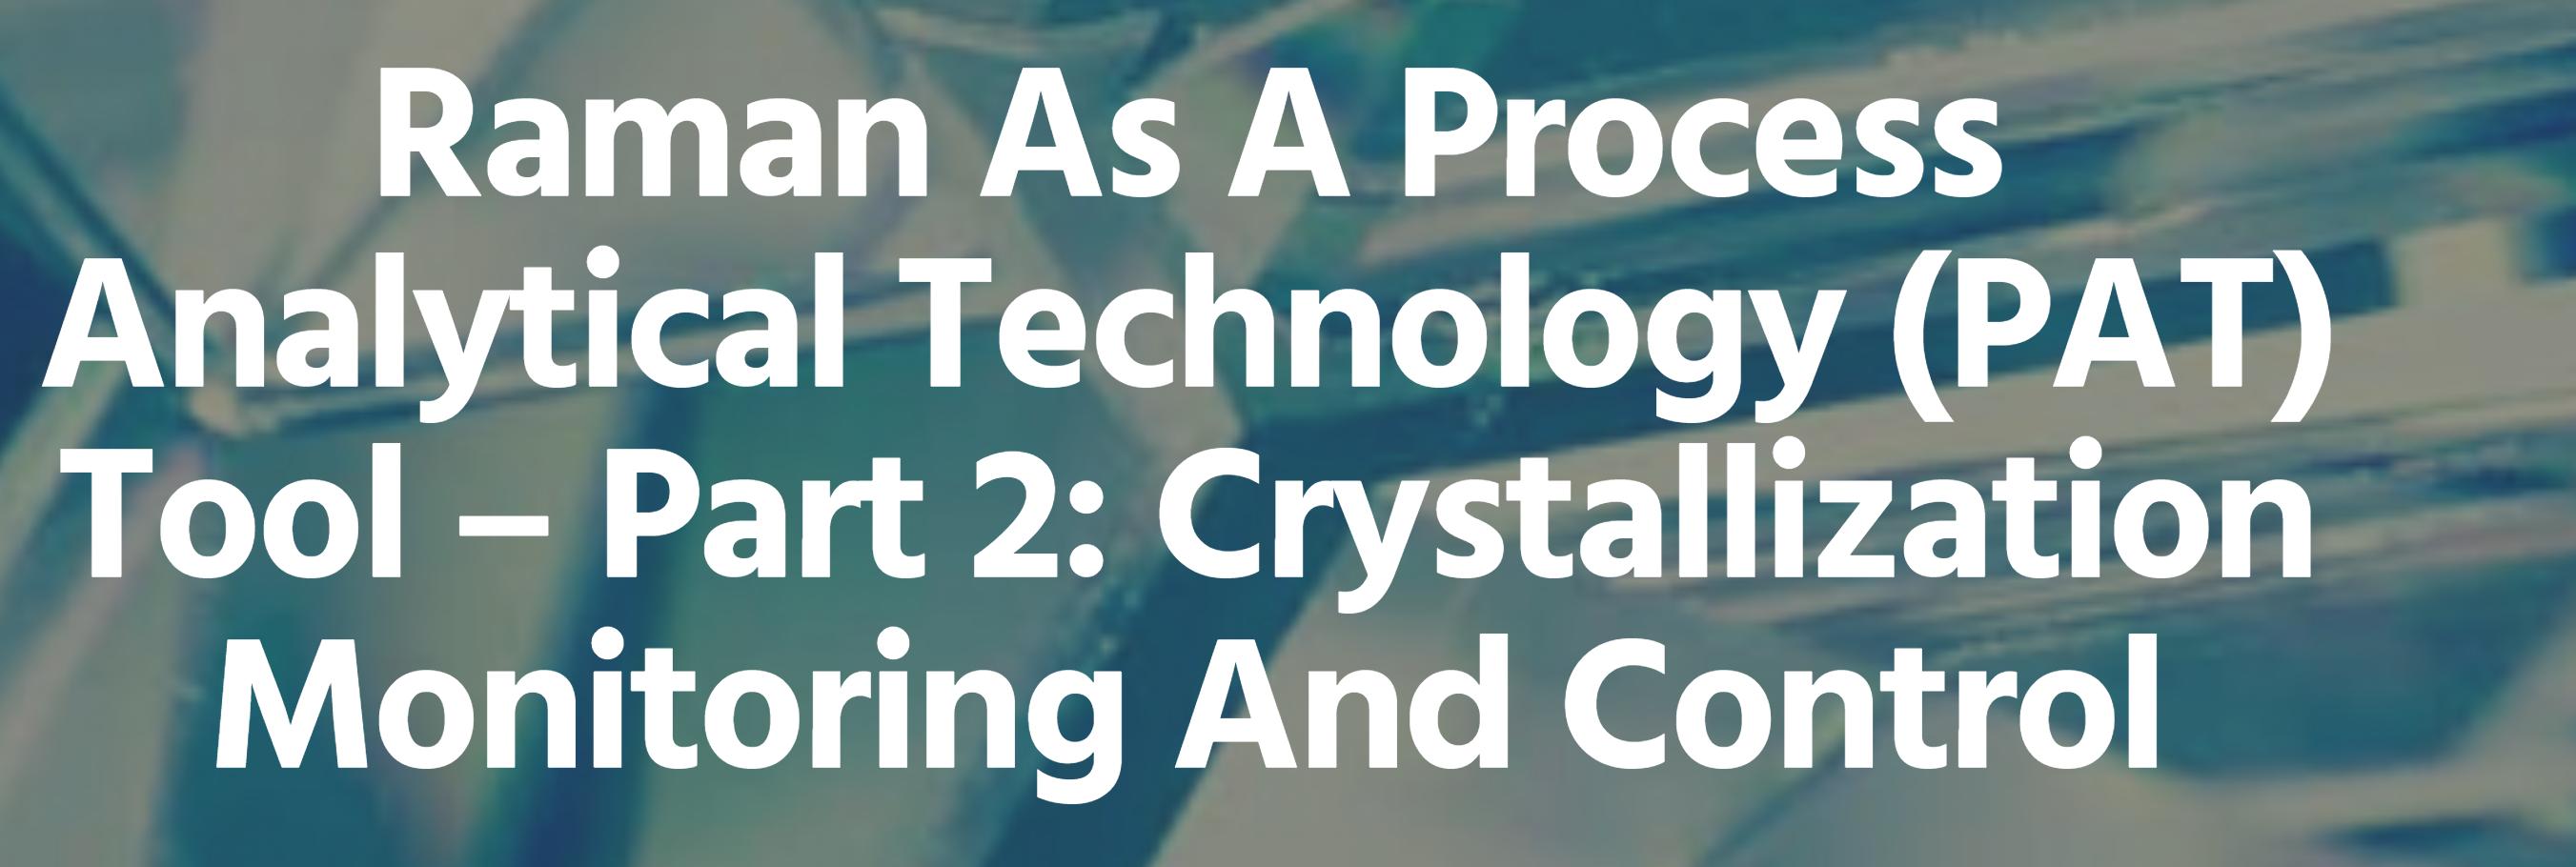 Raman como herramienta para la tecnología analítica de procesos (PAT)  - Segunda parte